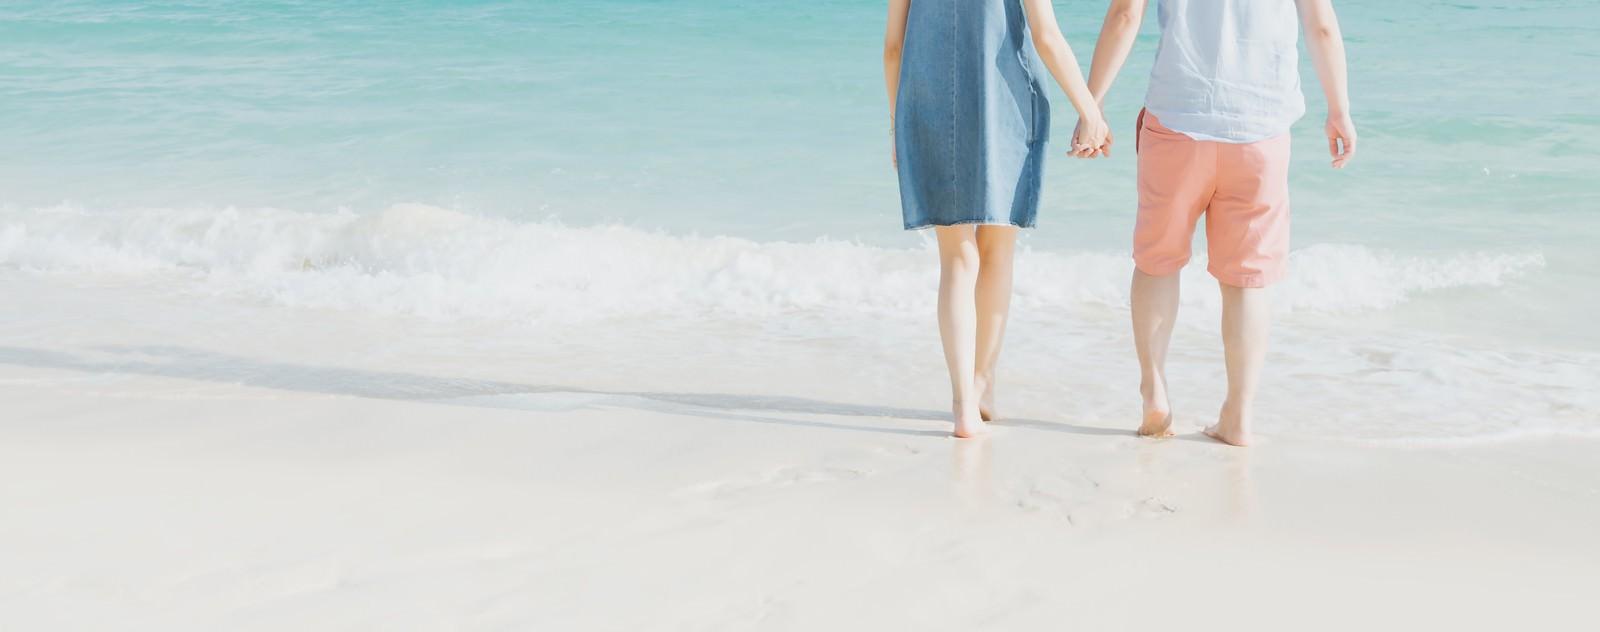 「波打ち際で手を握るカップル」の写真